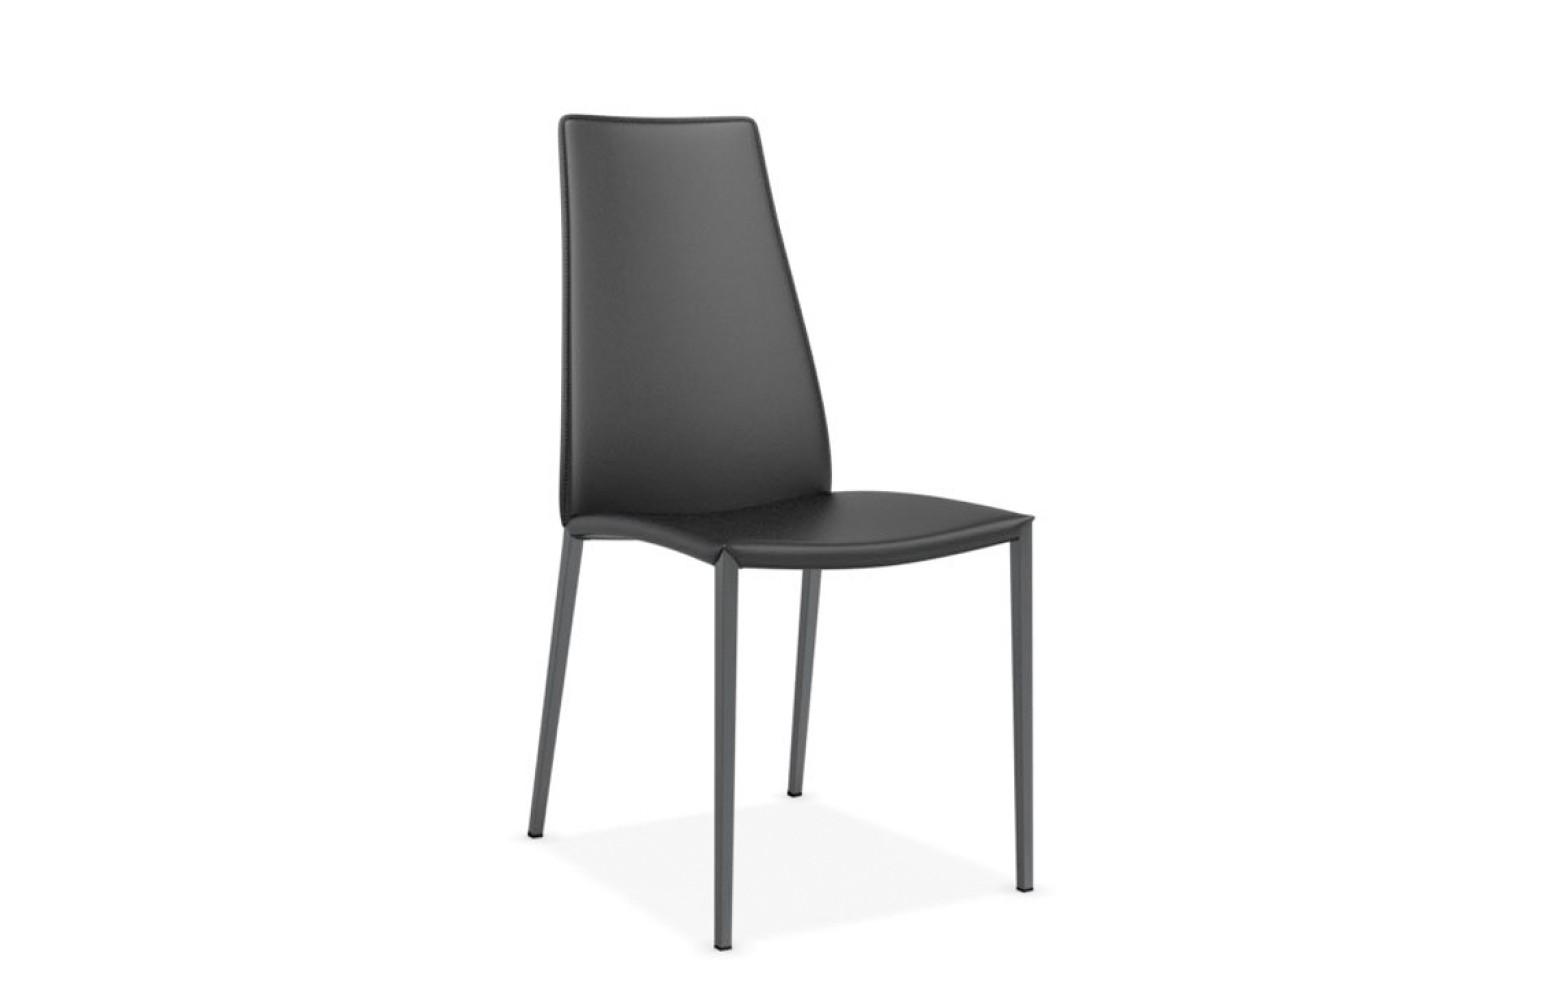 Stuhl outlet good sthle gnstig im outlet kaufen bei for Vitra stuhle outlet